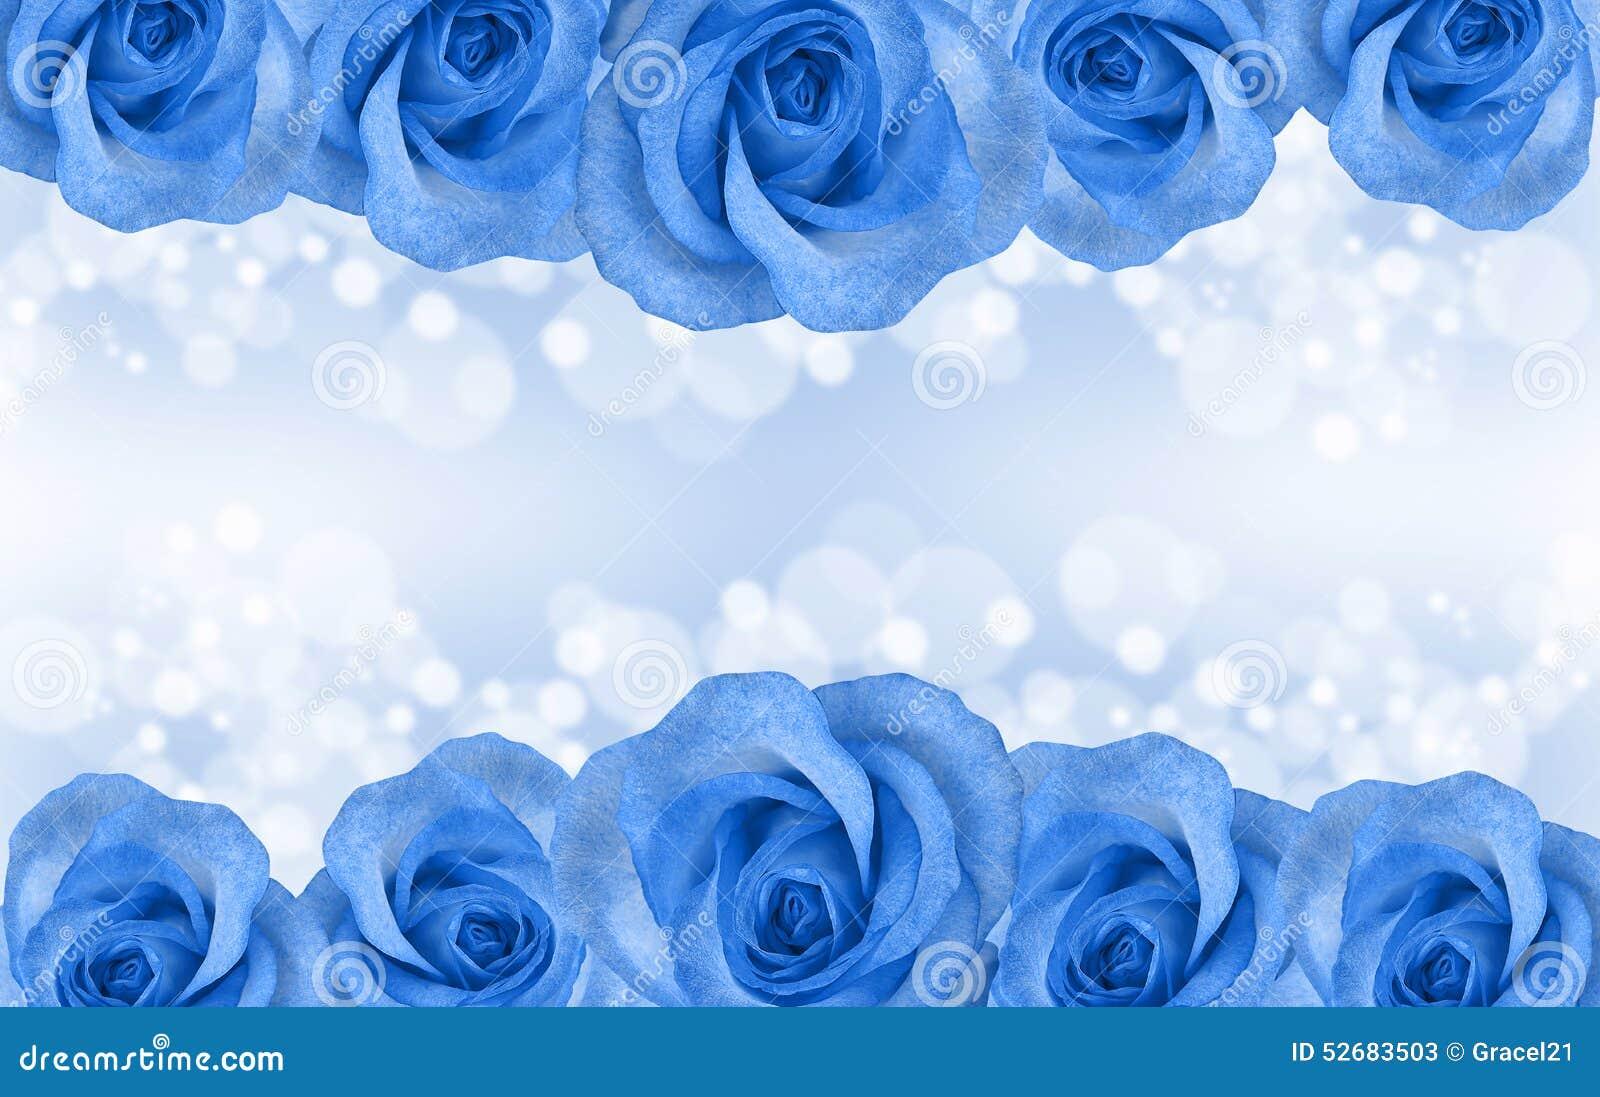 Beira De Rosas Azuis Foto de Stock - Imagem: 52683503